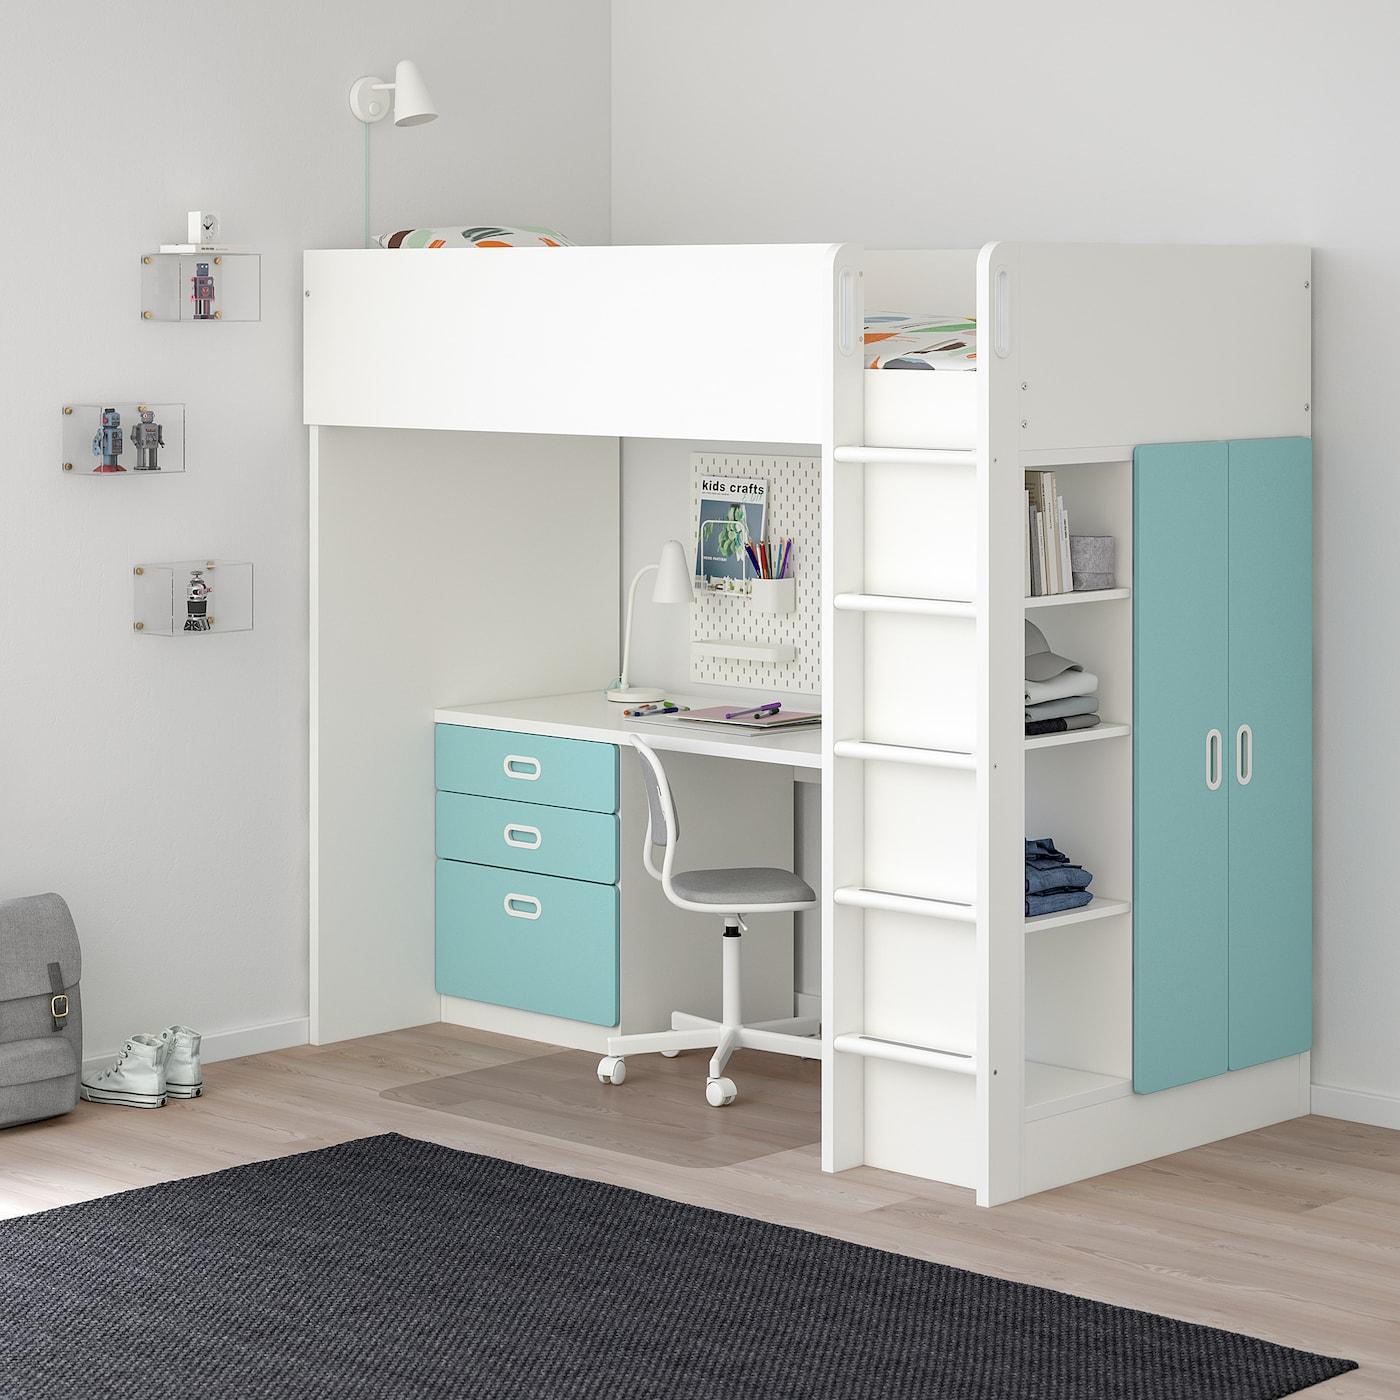 STUVA / FRITIDS Hochbettkomb. 3 Schubl./2 Türen    weiß/hellblau 155 cm 62 cm 74 cm 182 cm 142 cm 99 cm 207 cm 100 kg 200 cm 90 cm 20 cm